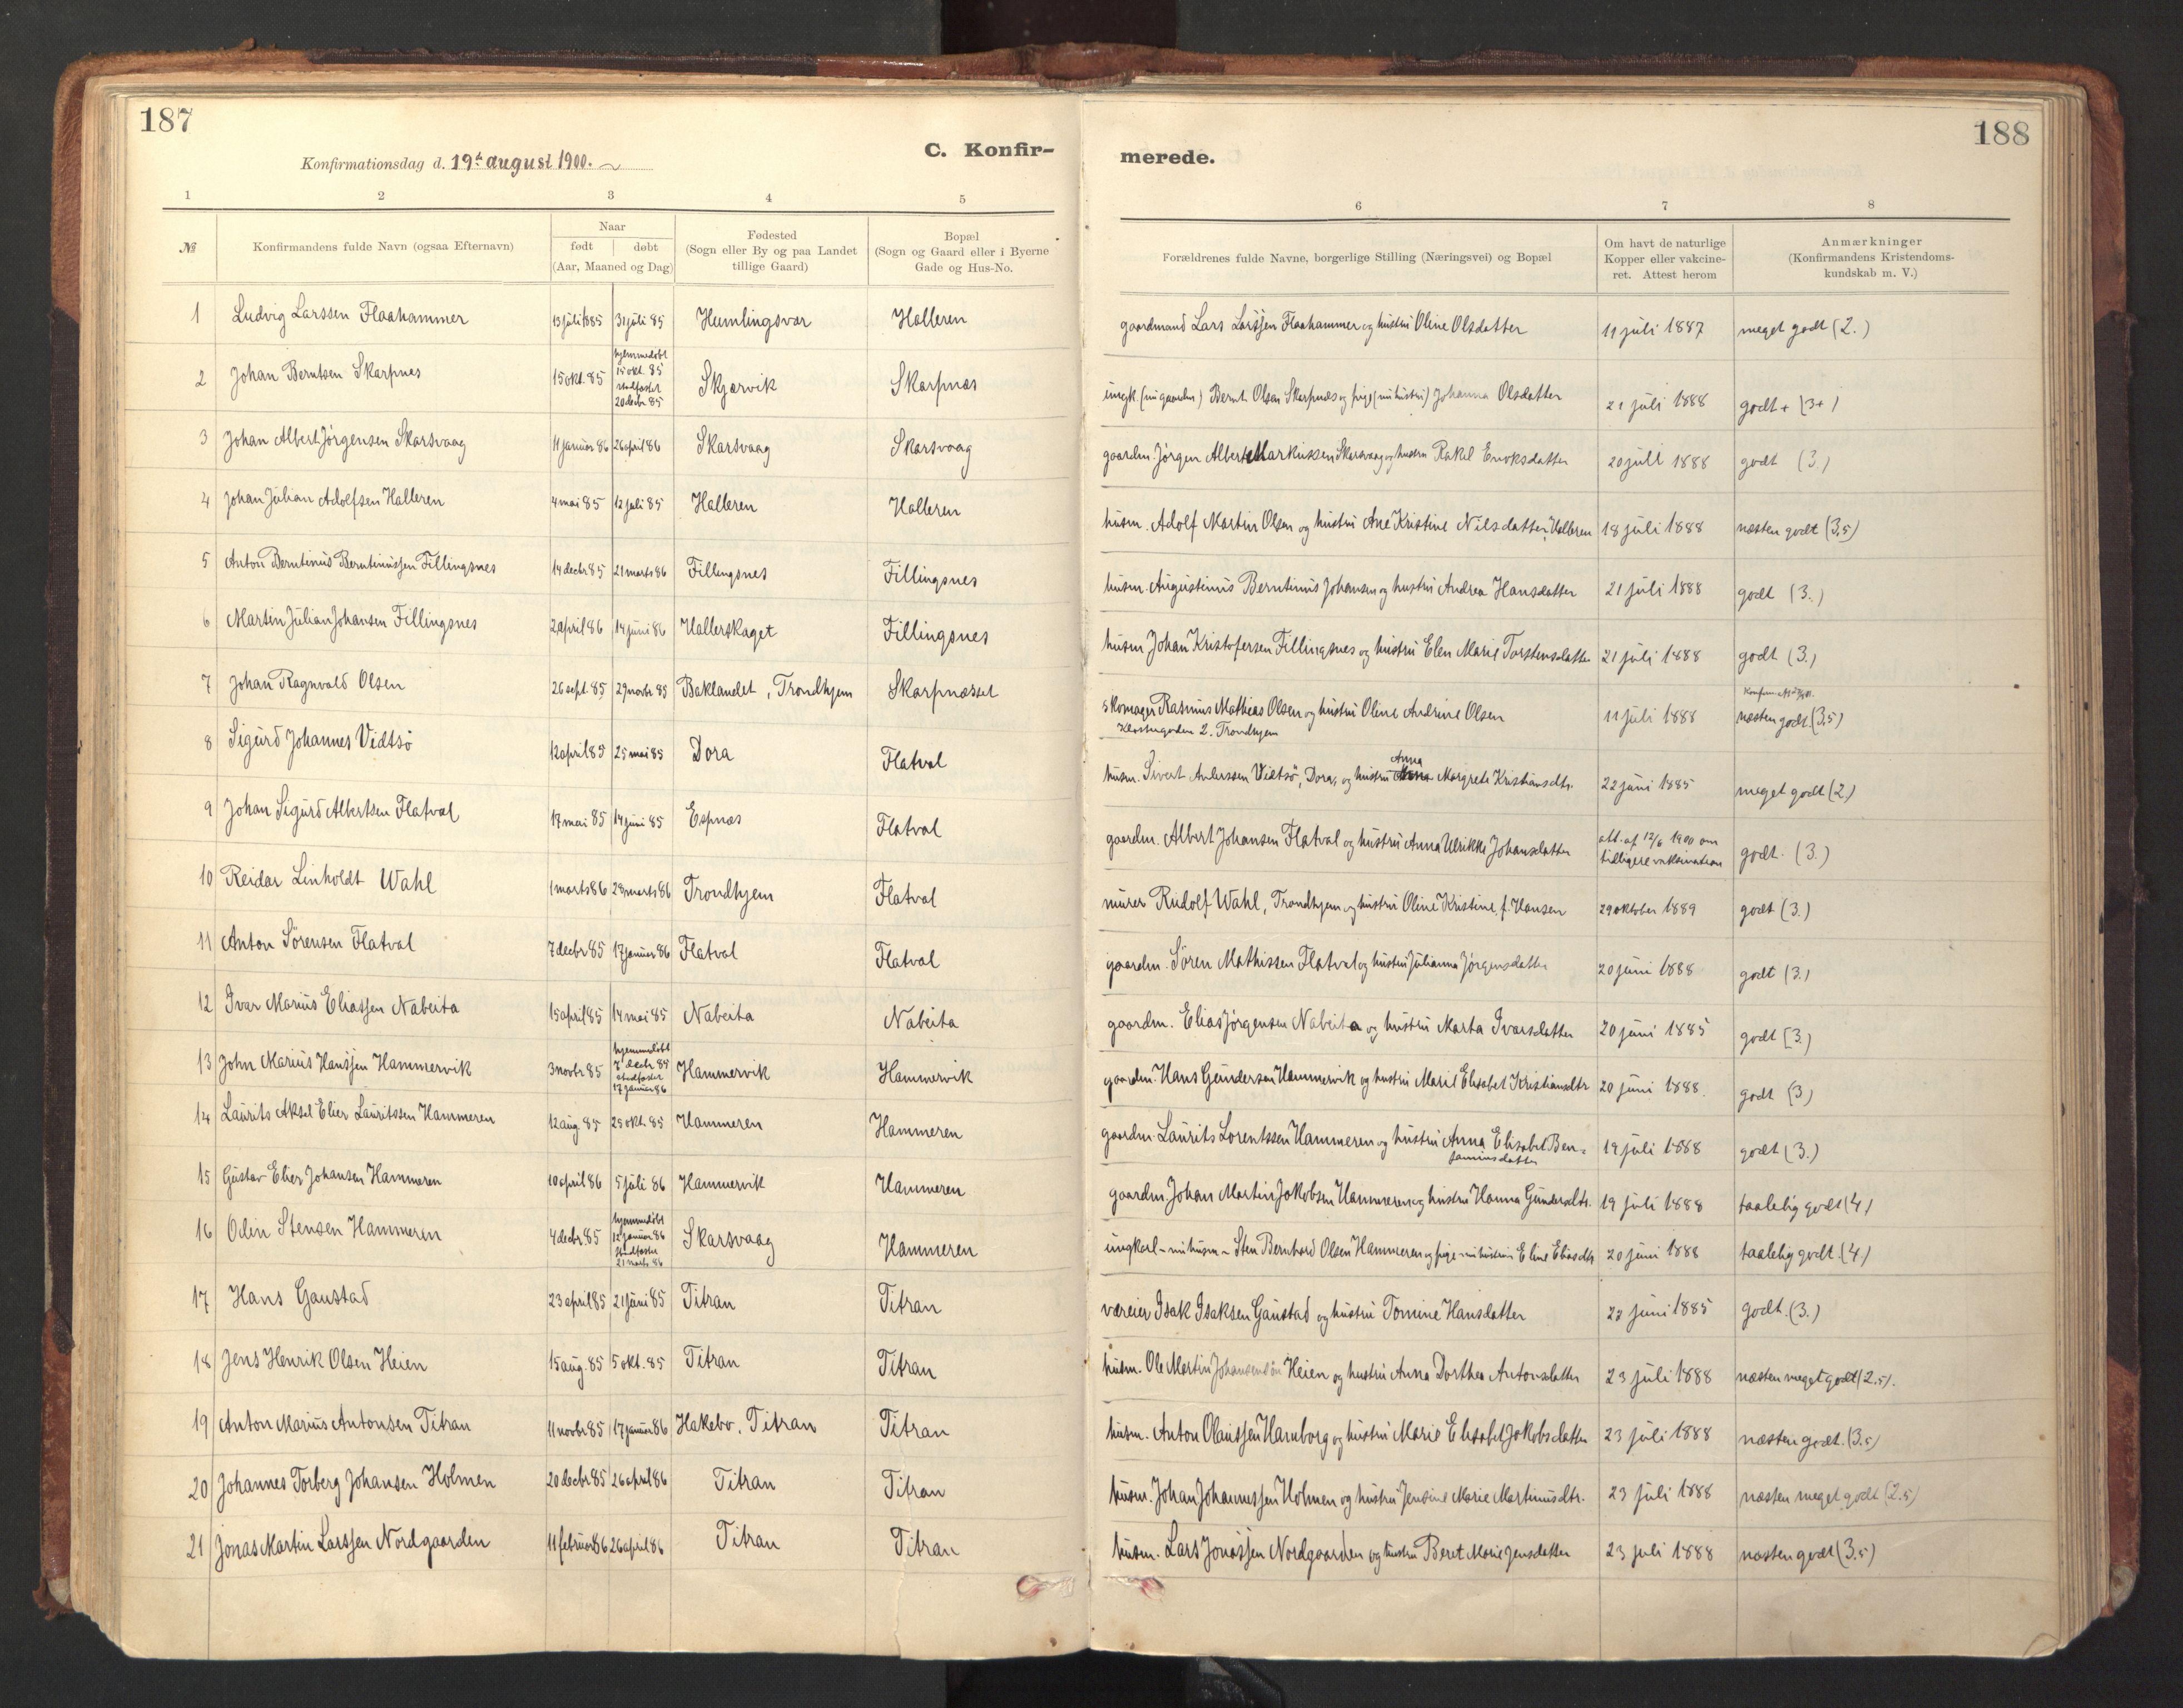 SAT, Ministerialprotokoller, klokkerbøker og fødselsregistre - Sør-Trøndelag, 641/L0596: Ministerialbok nr. 641A02, 1898-1915, s. 187-188